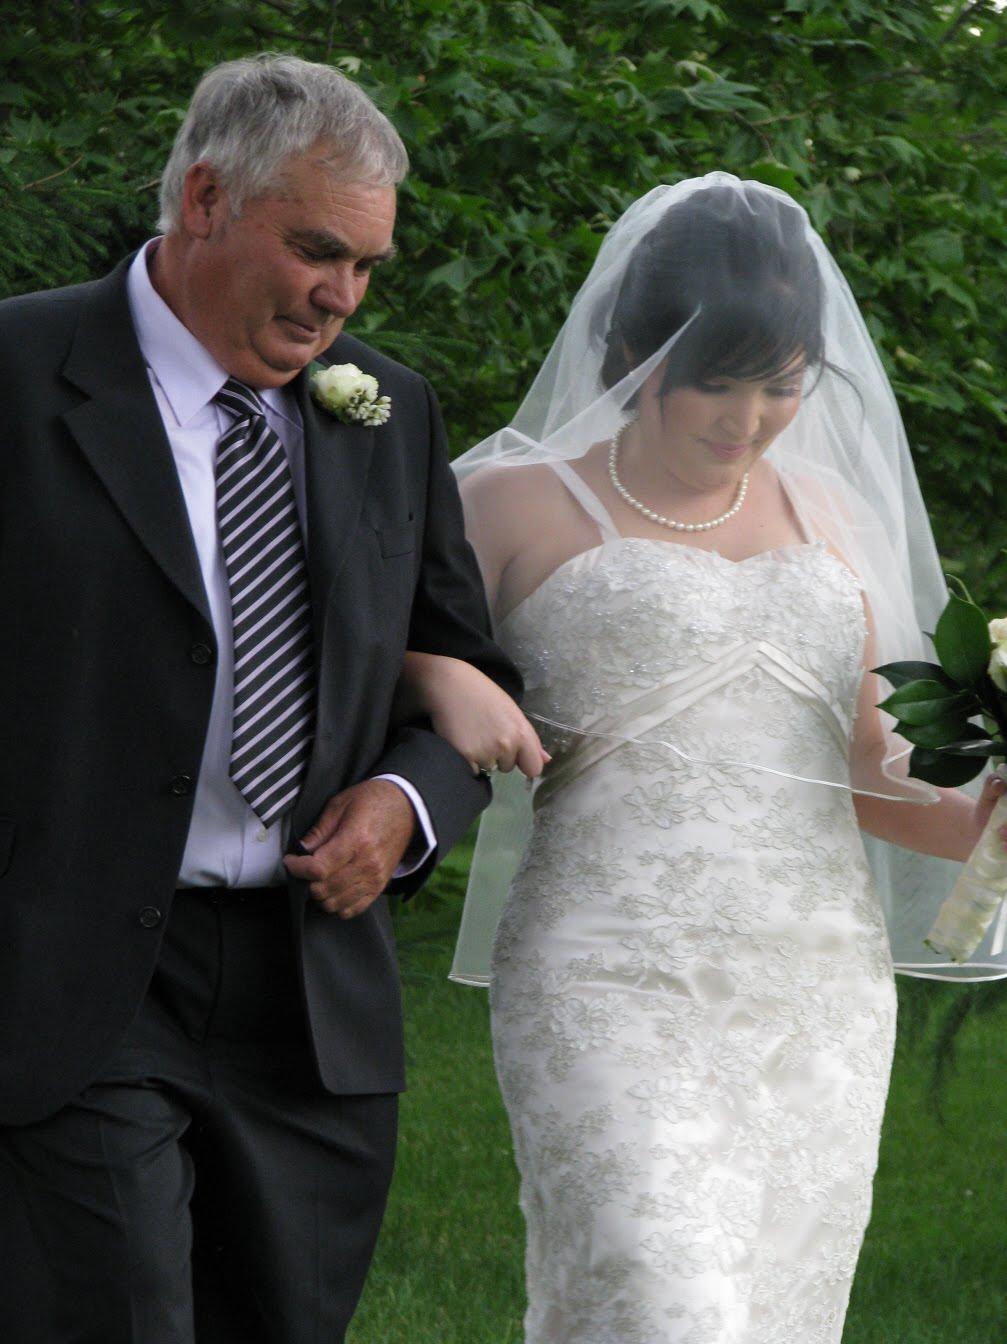 Wedding Ceremony & Reception | 21 November 2009 | Lauren & Michael ...